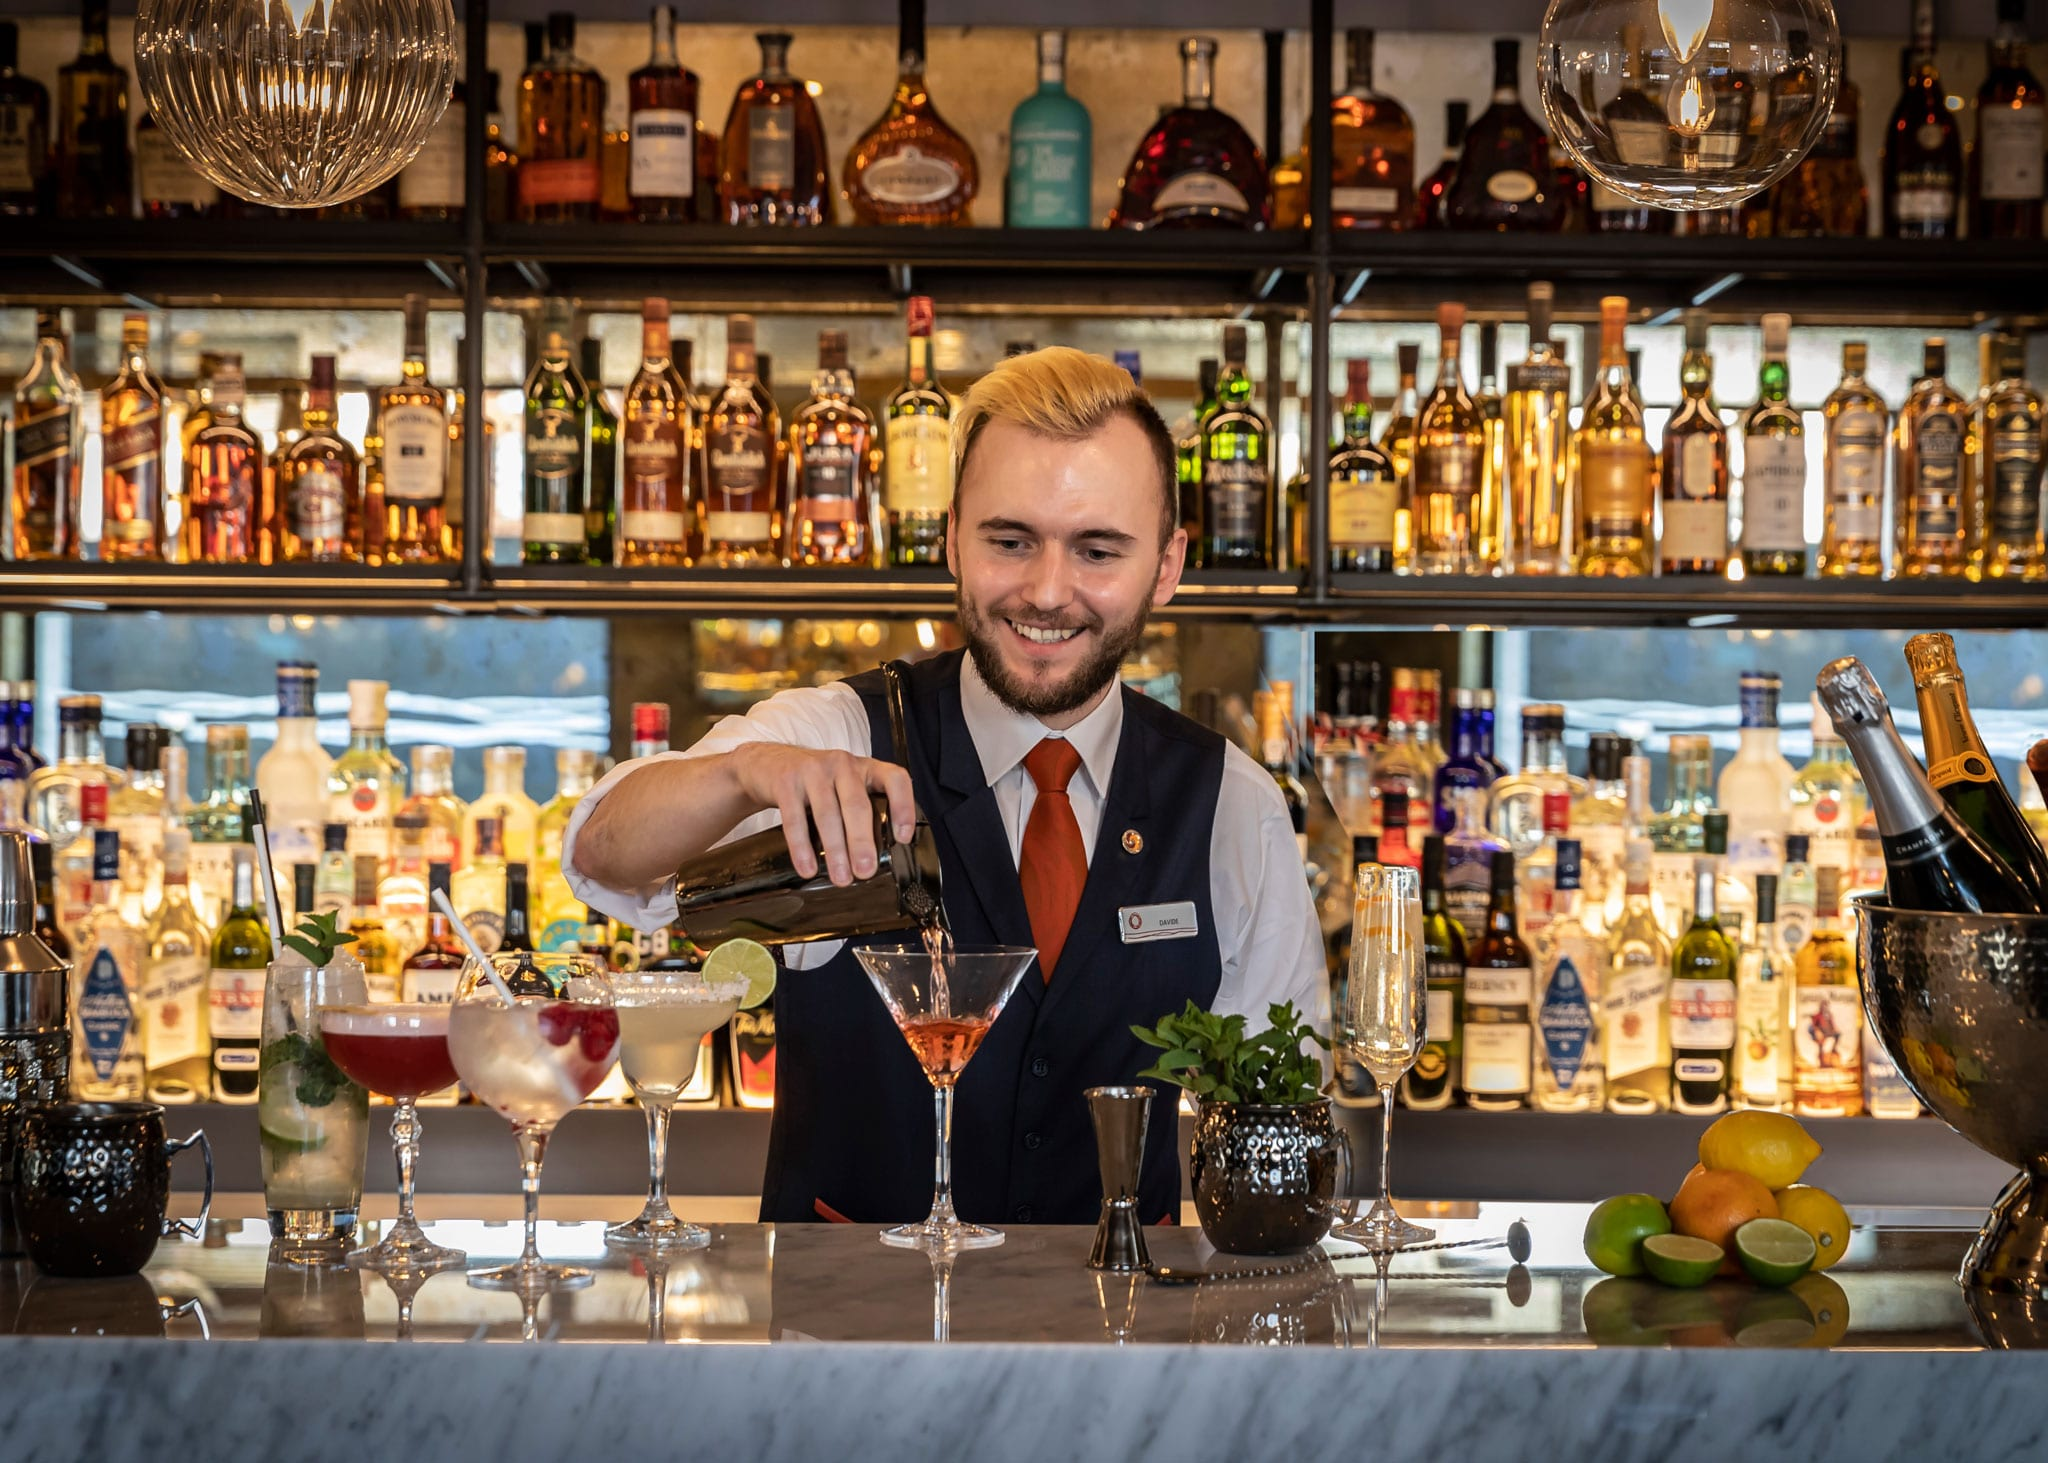 Barman at Clayton hotel